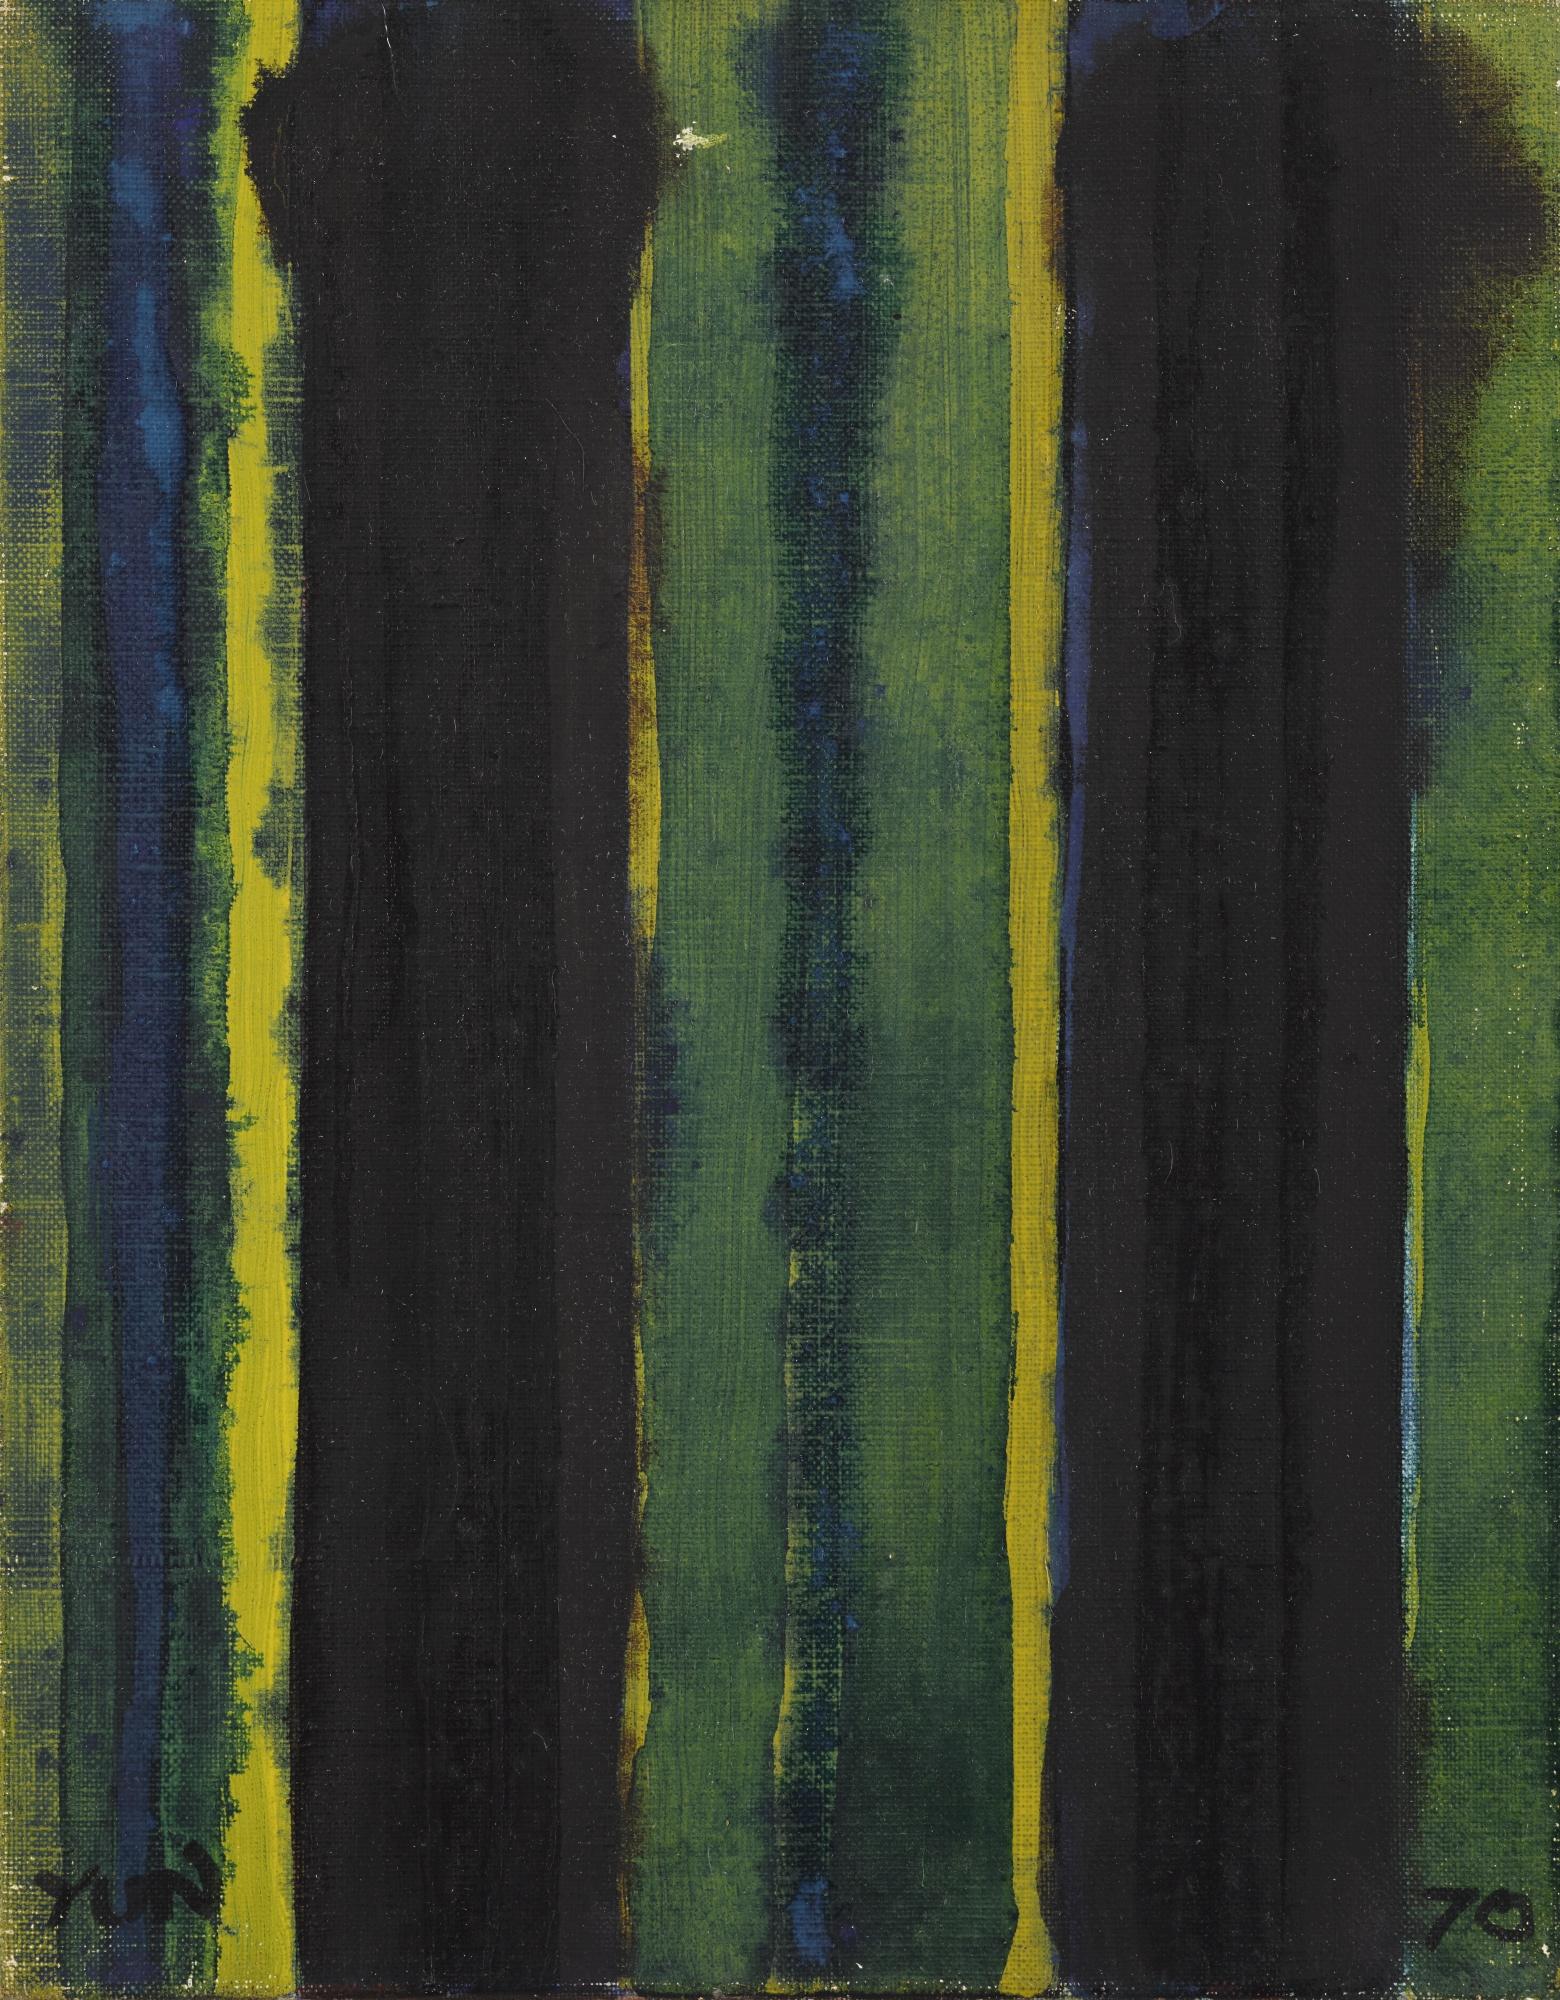 Yun Hyong-Keun-Untitled-1970